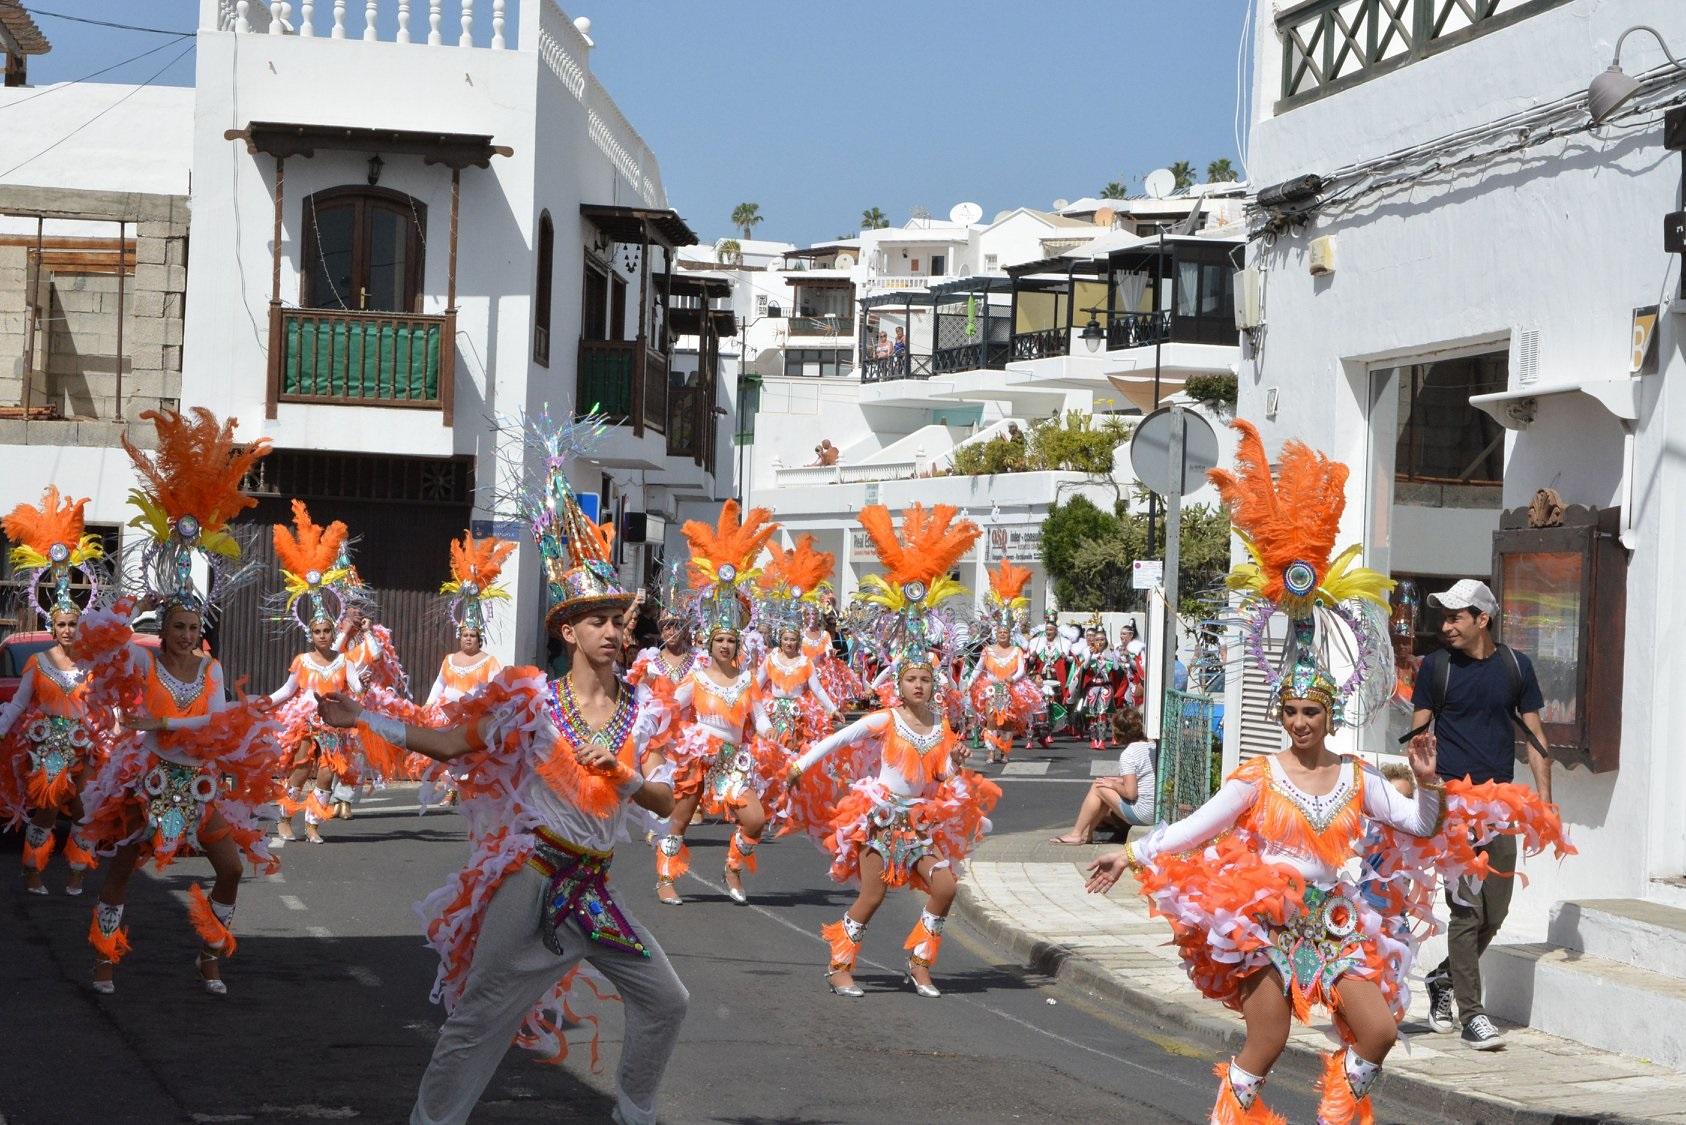 Tías finaliza con éxito sus carnavales de Puerto del Carmen, con el desfile chinijo y el Carnaval de Día de La Tiñosa